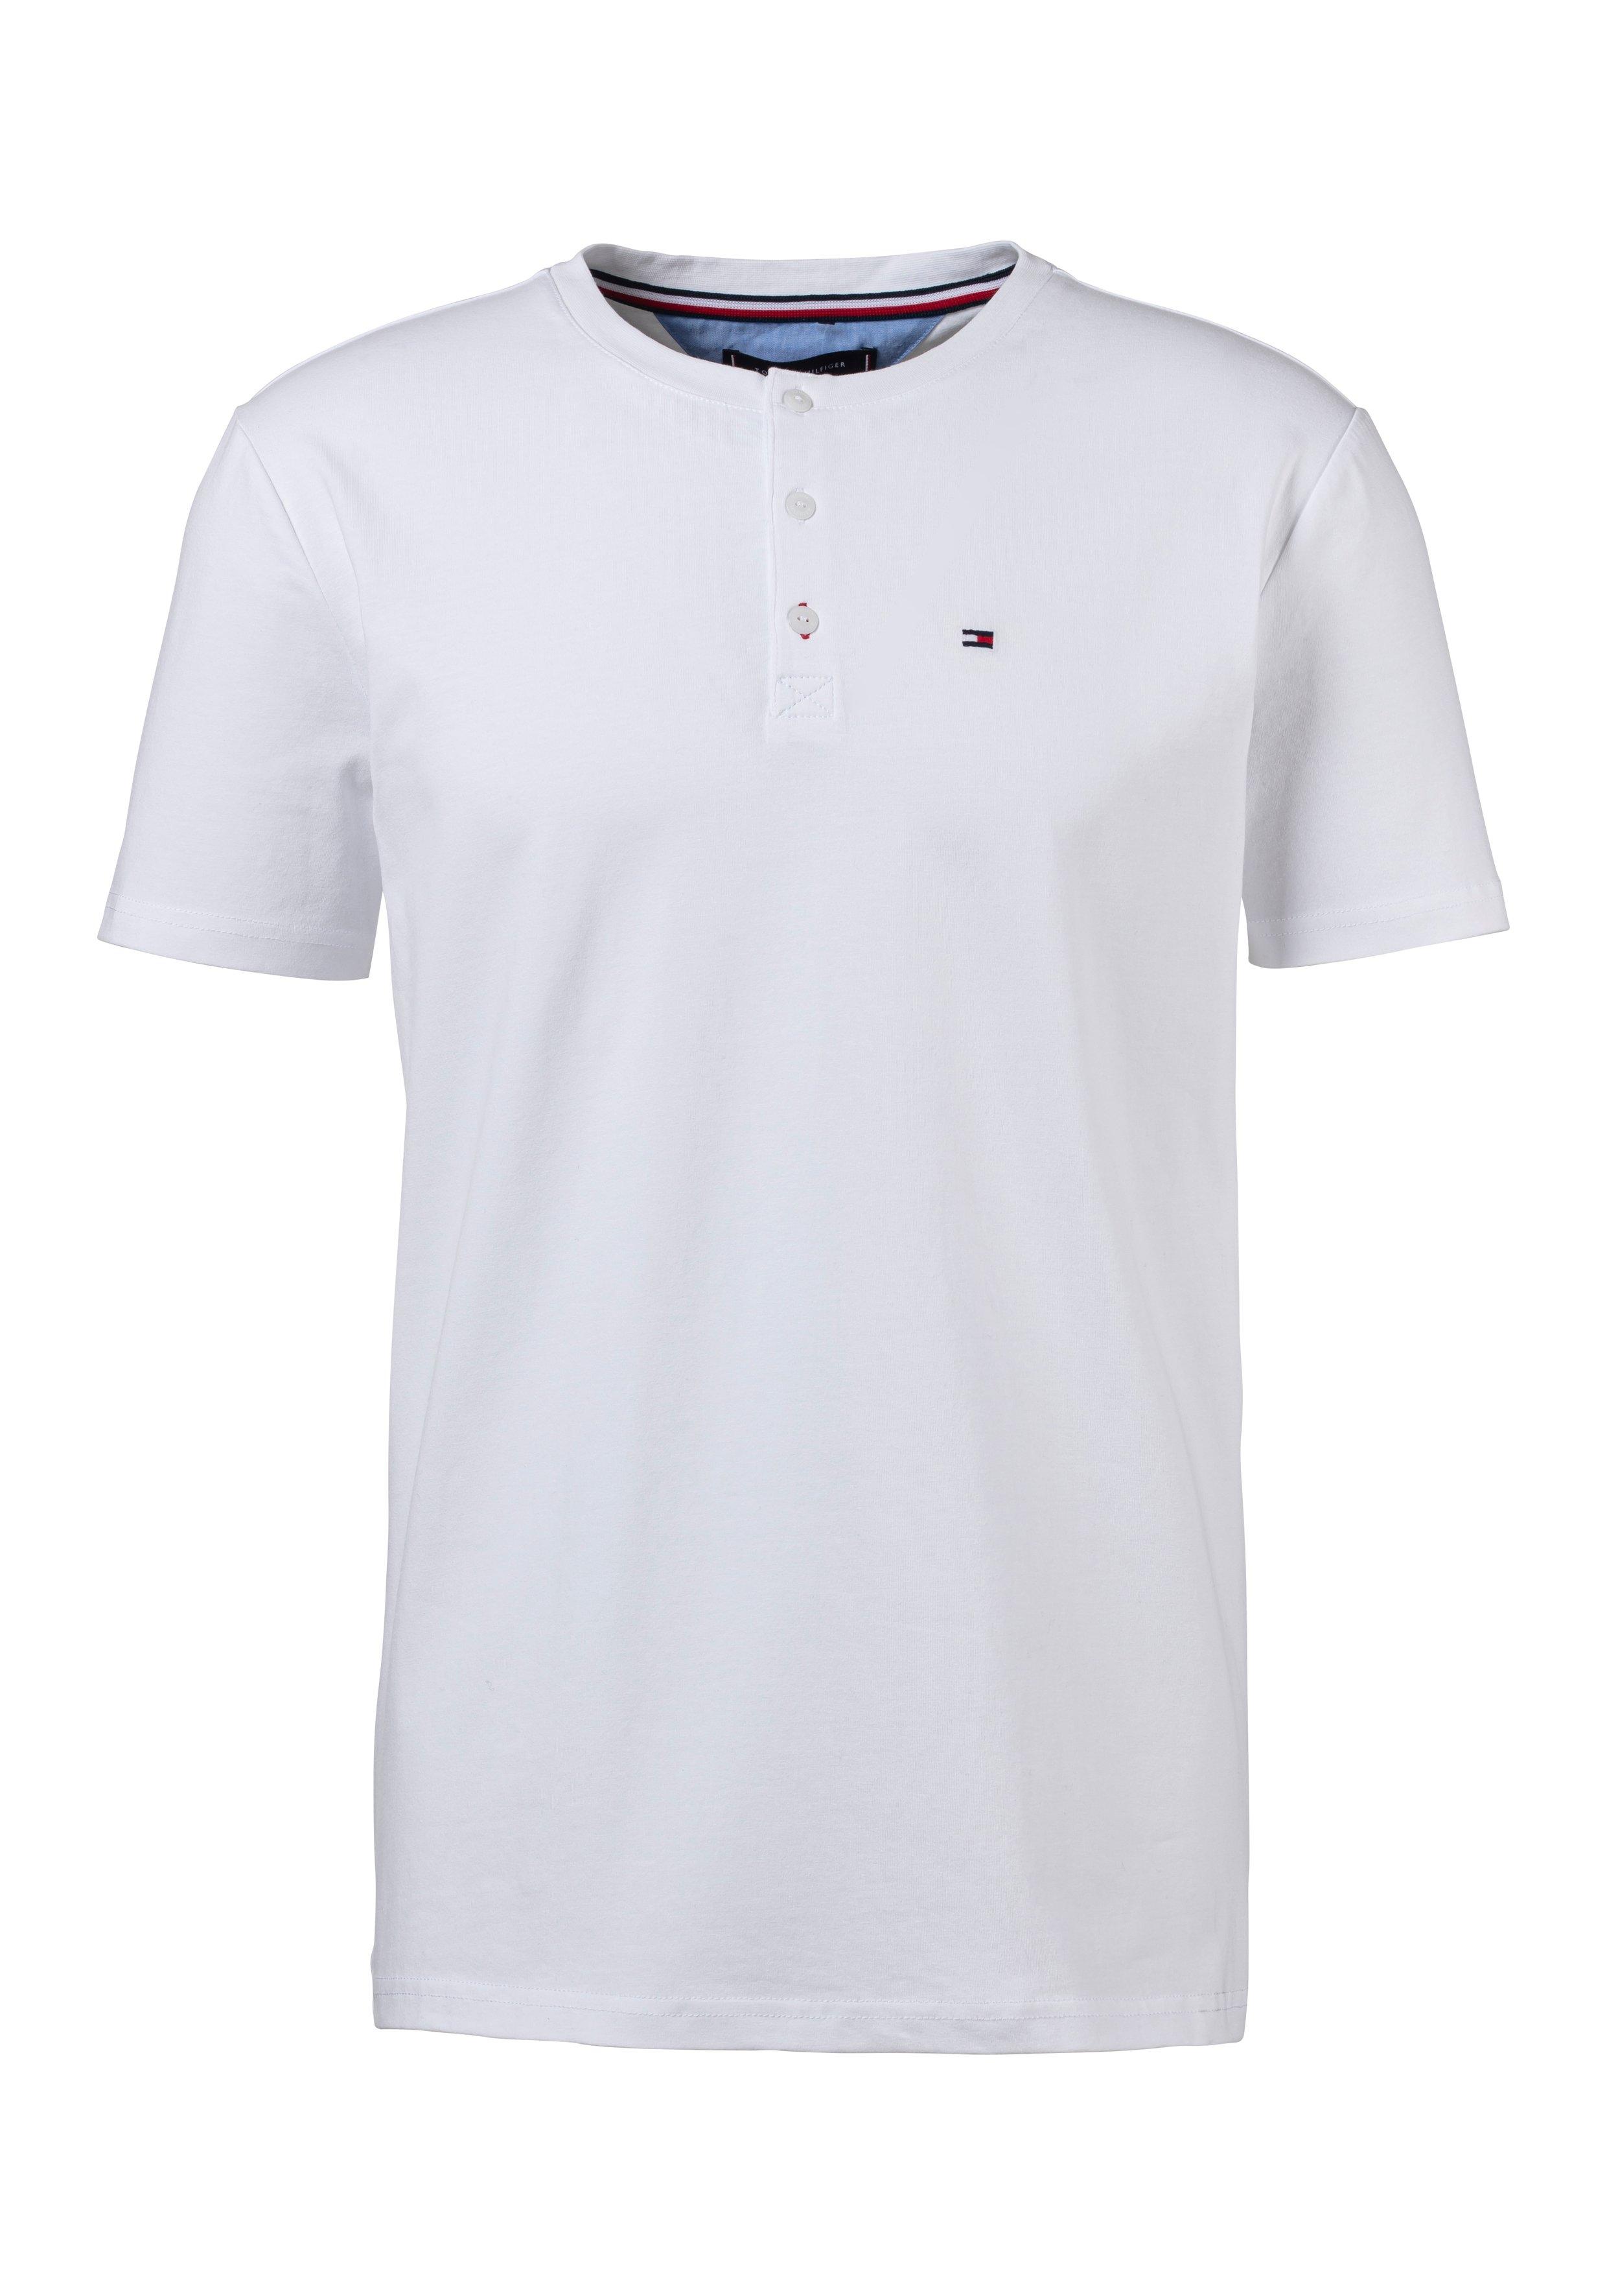 Tommy Hilfiger T-shirt »mit Knopfleiste« bij Lascana online kopen